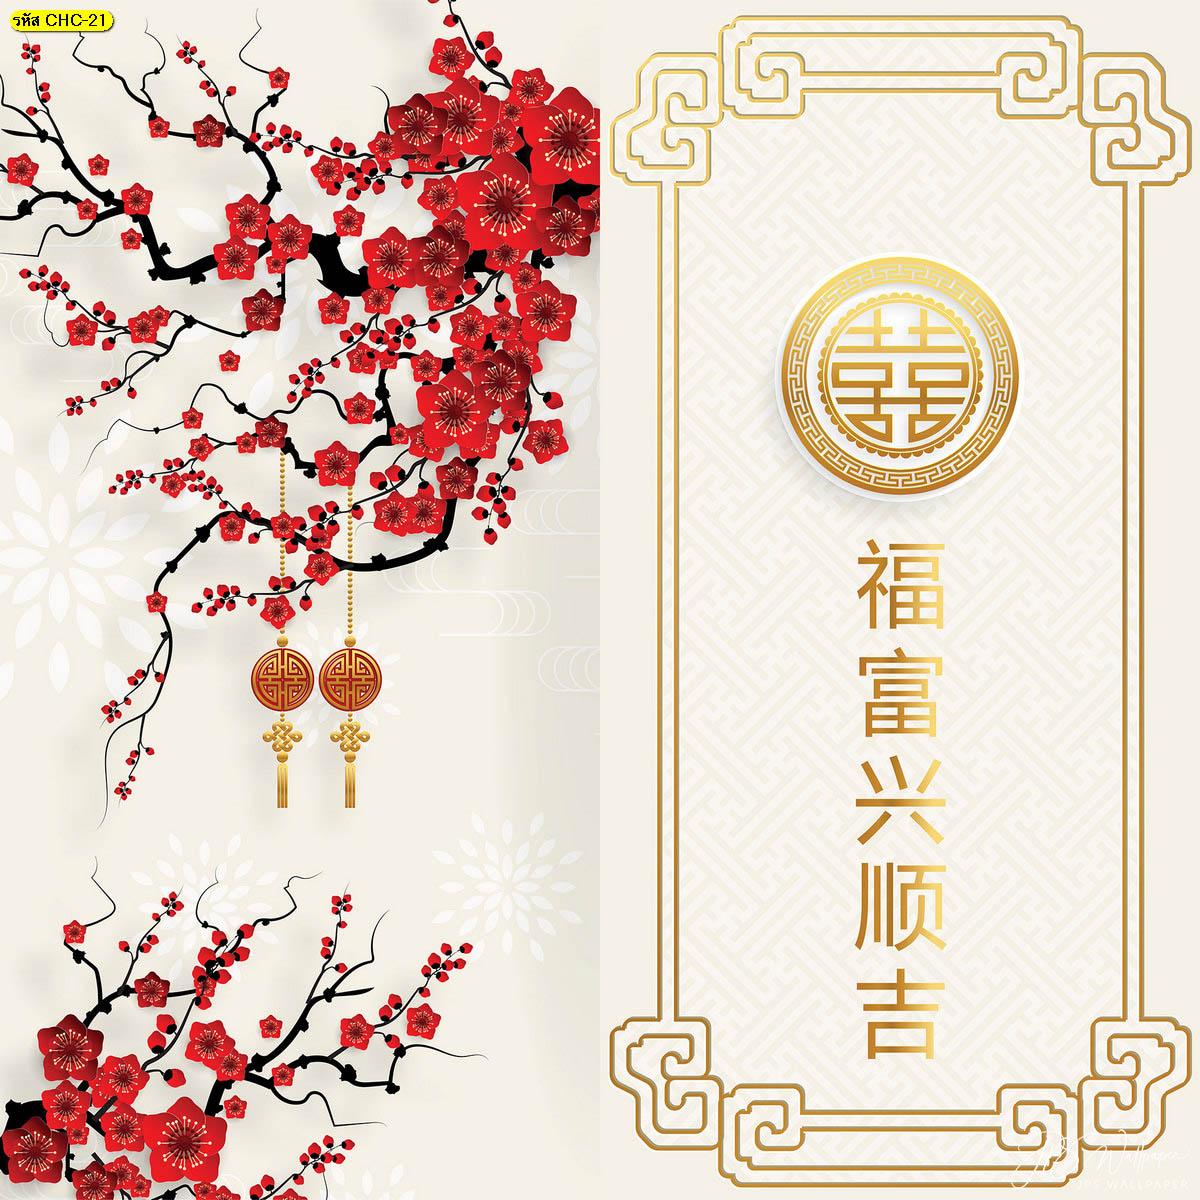 ภาพติดผนังลายจีนมงคล แต่งผนังสไตล์จีน วอลเปเปอร์จีนมงคลลายดอกไม้แดงพื้นหลังสีขาว